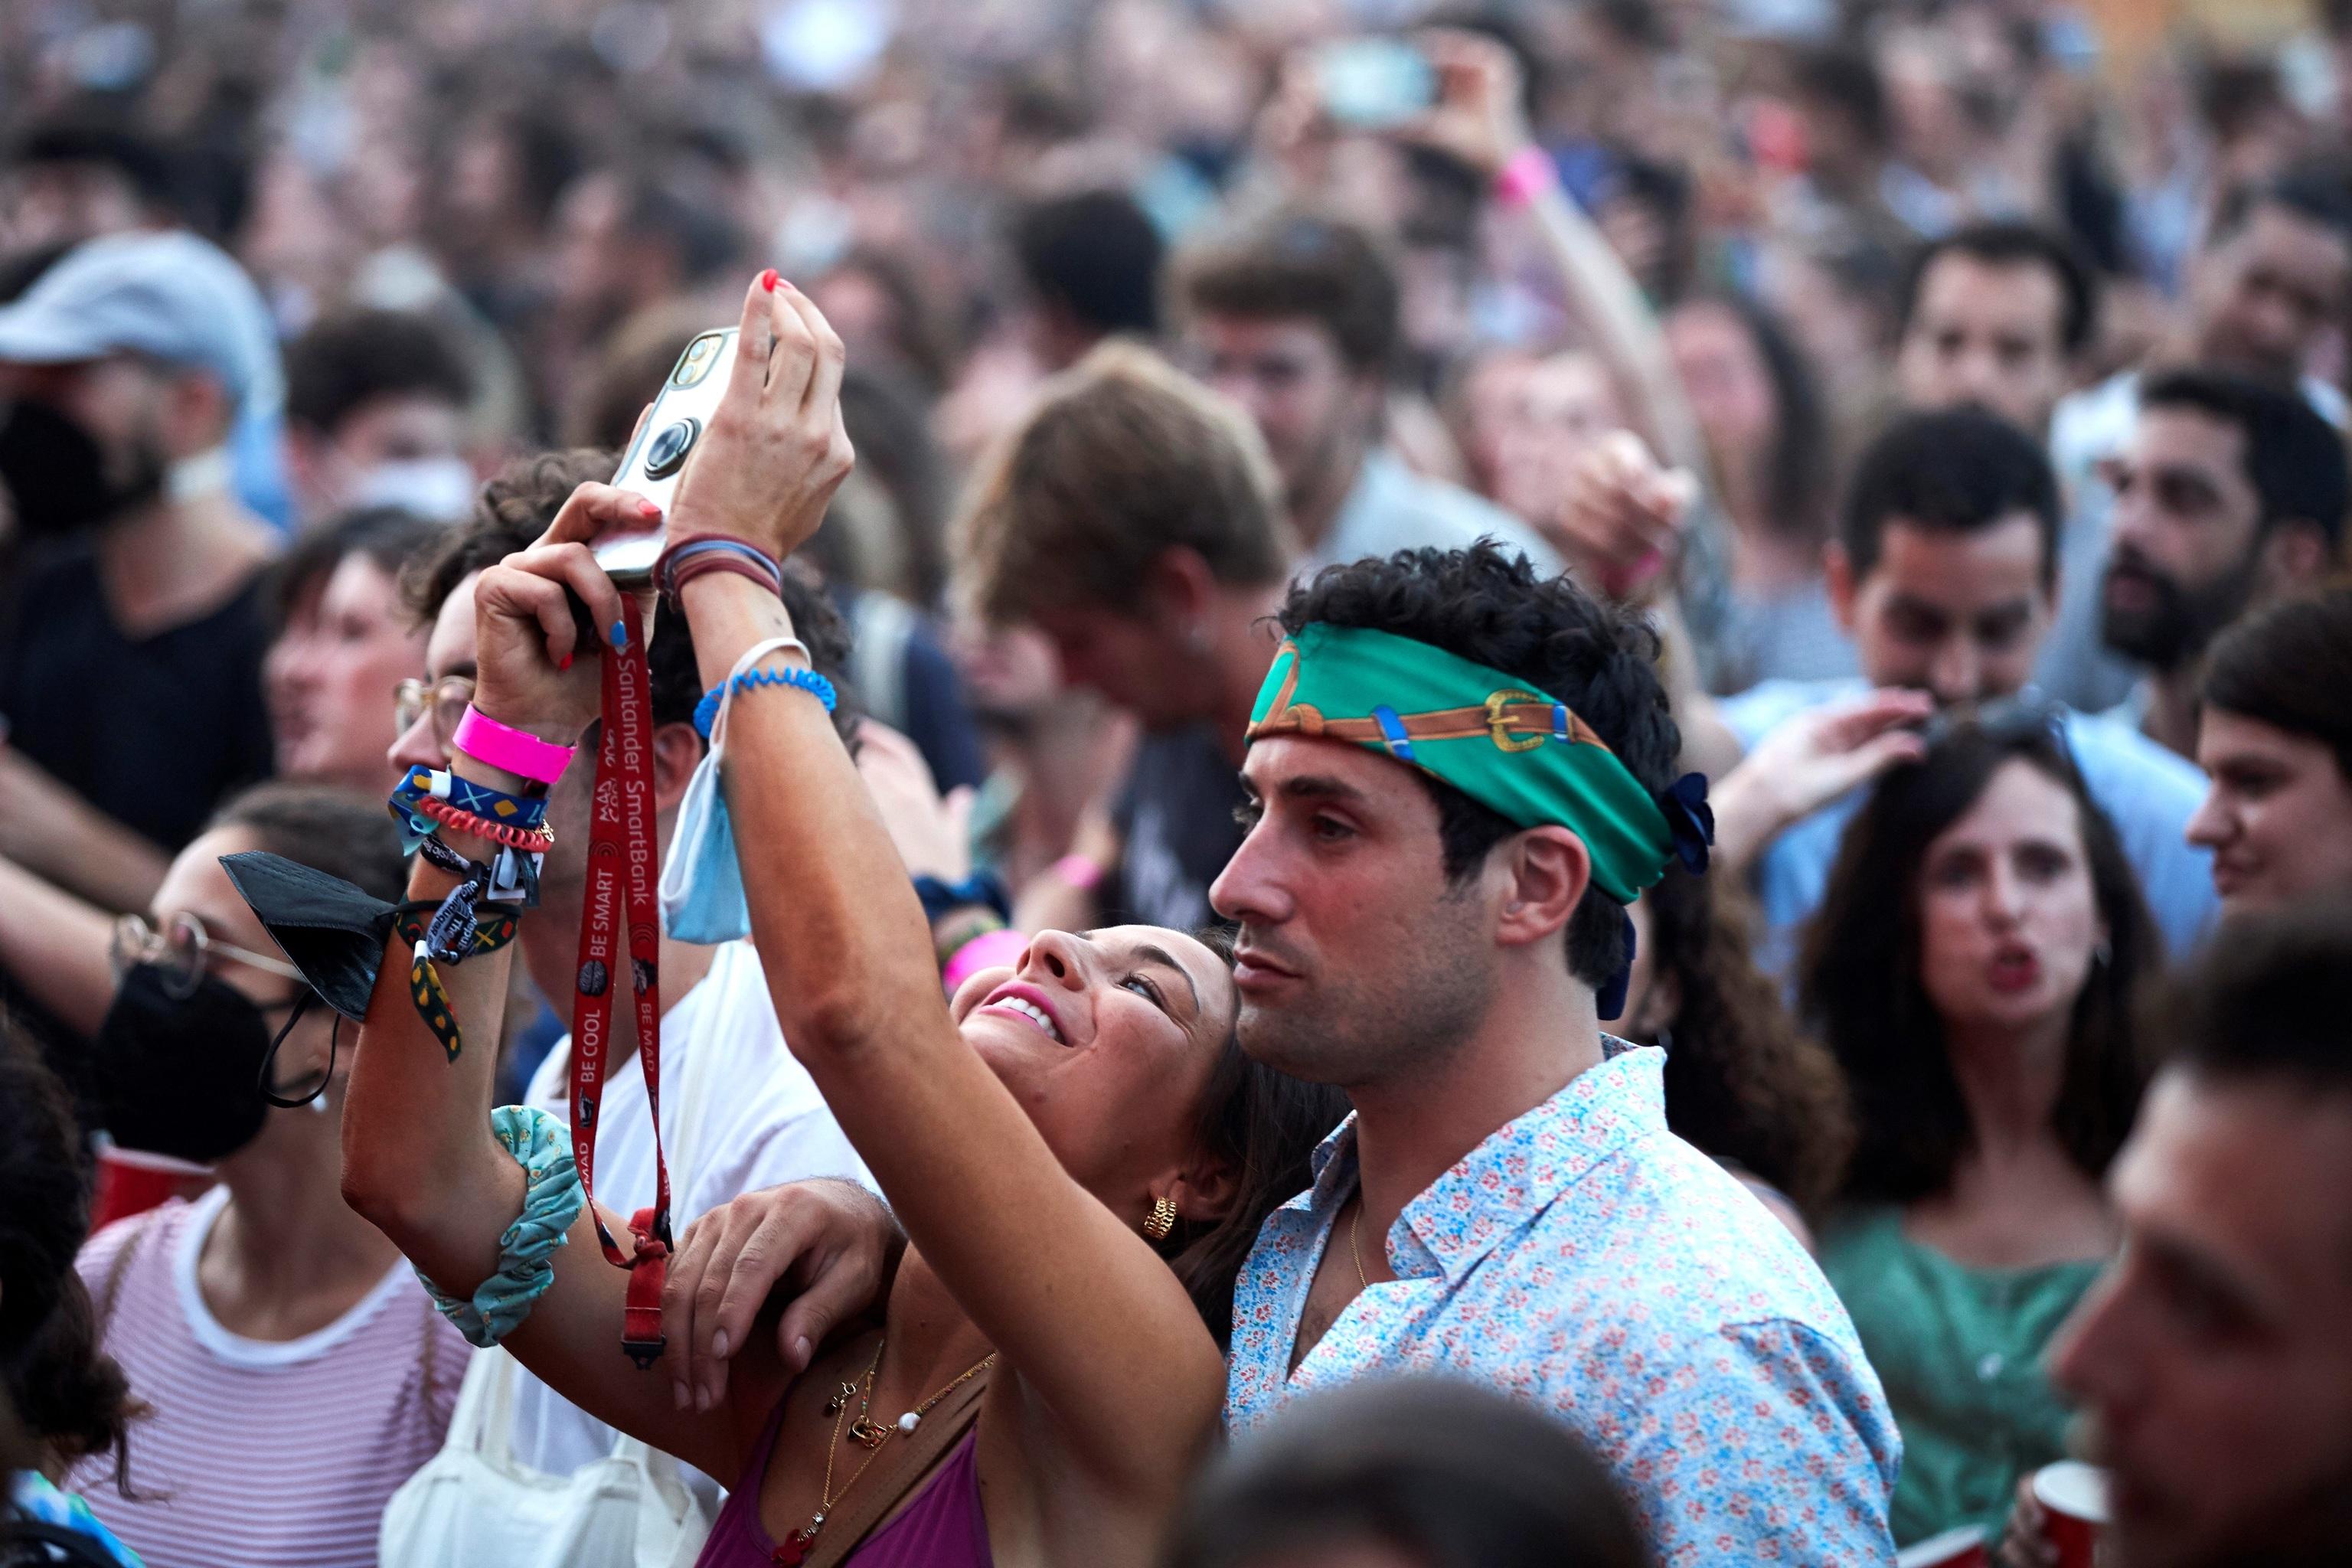 Público en el Festival Vida.